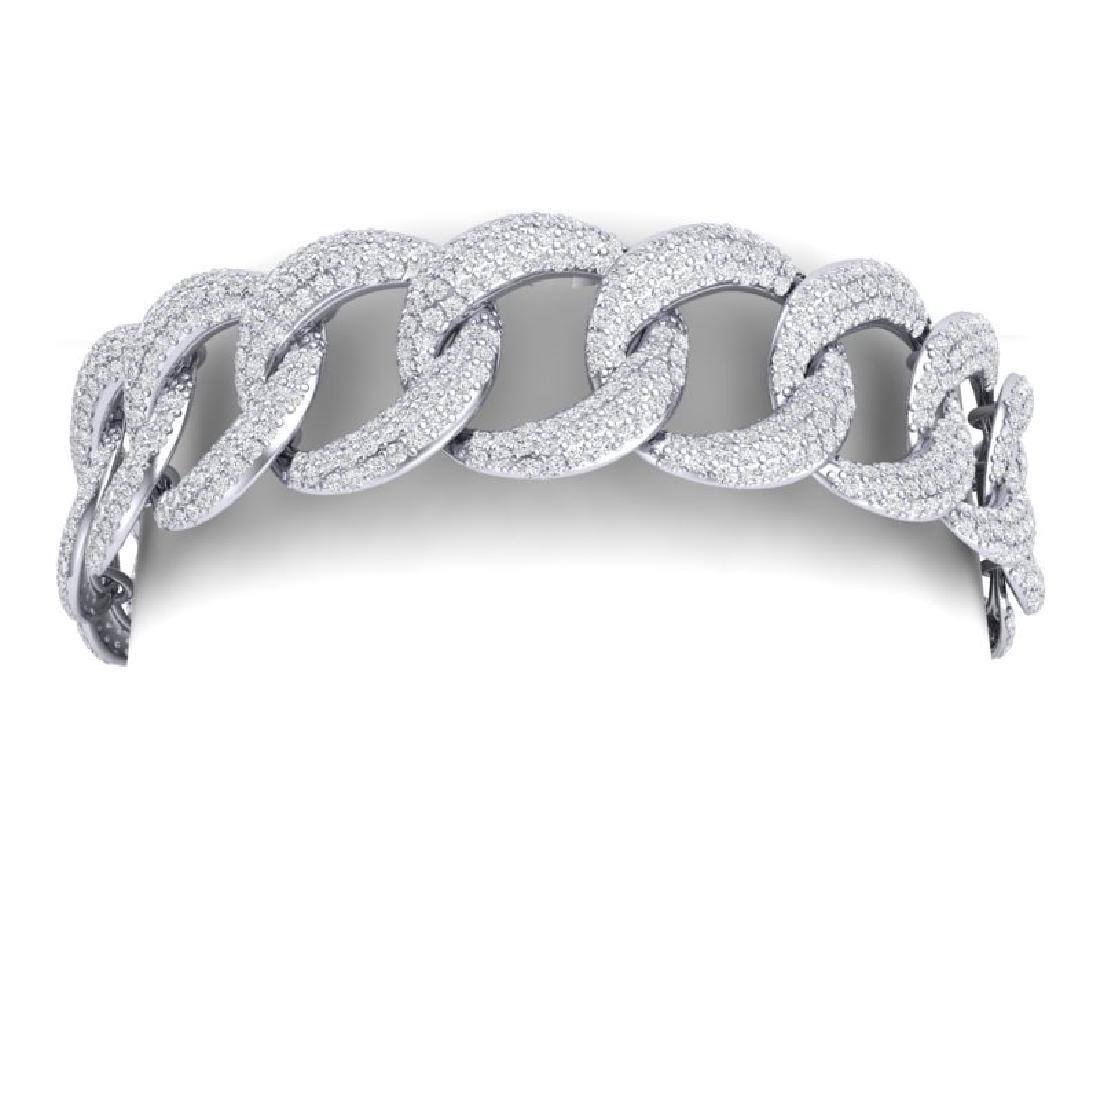 10 CTW Certified VS/SI Diamond Bracelet 18K White Gold - 2